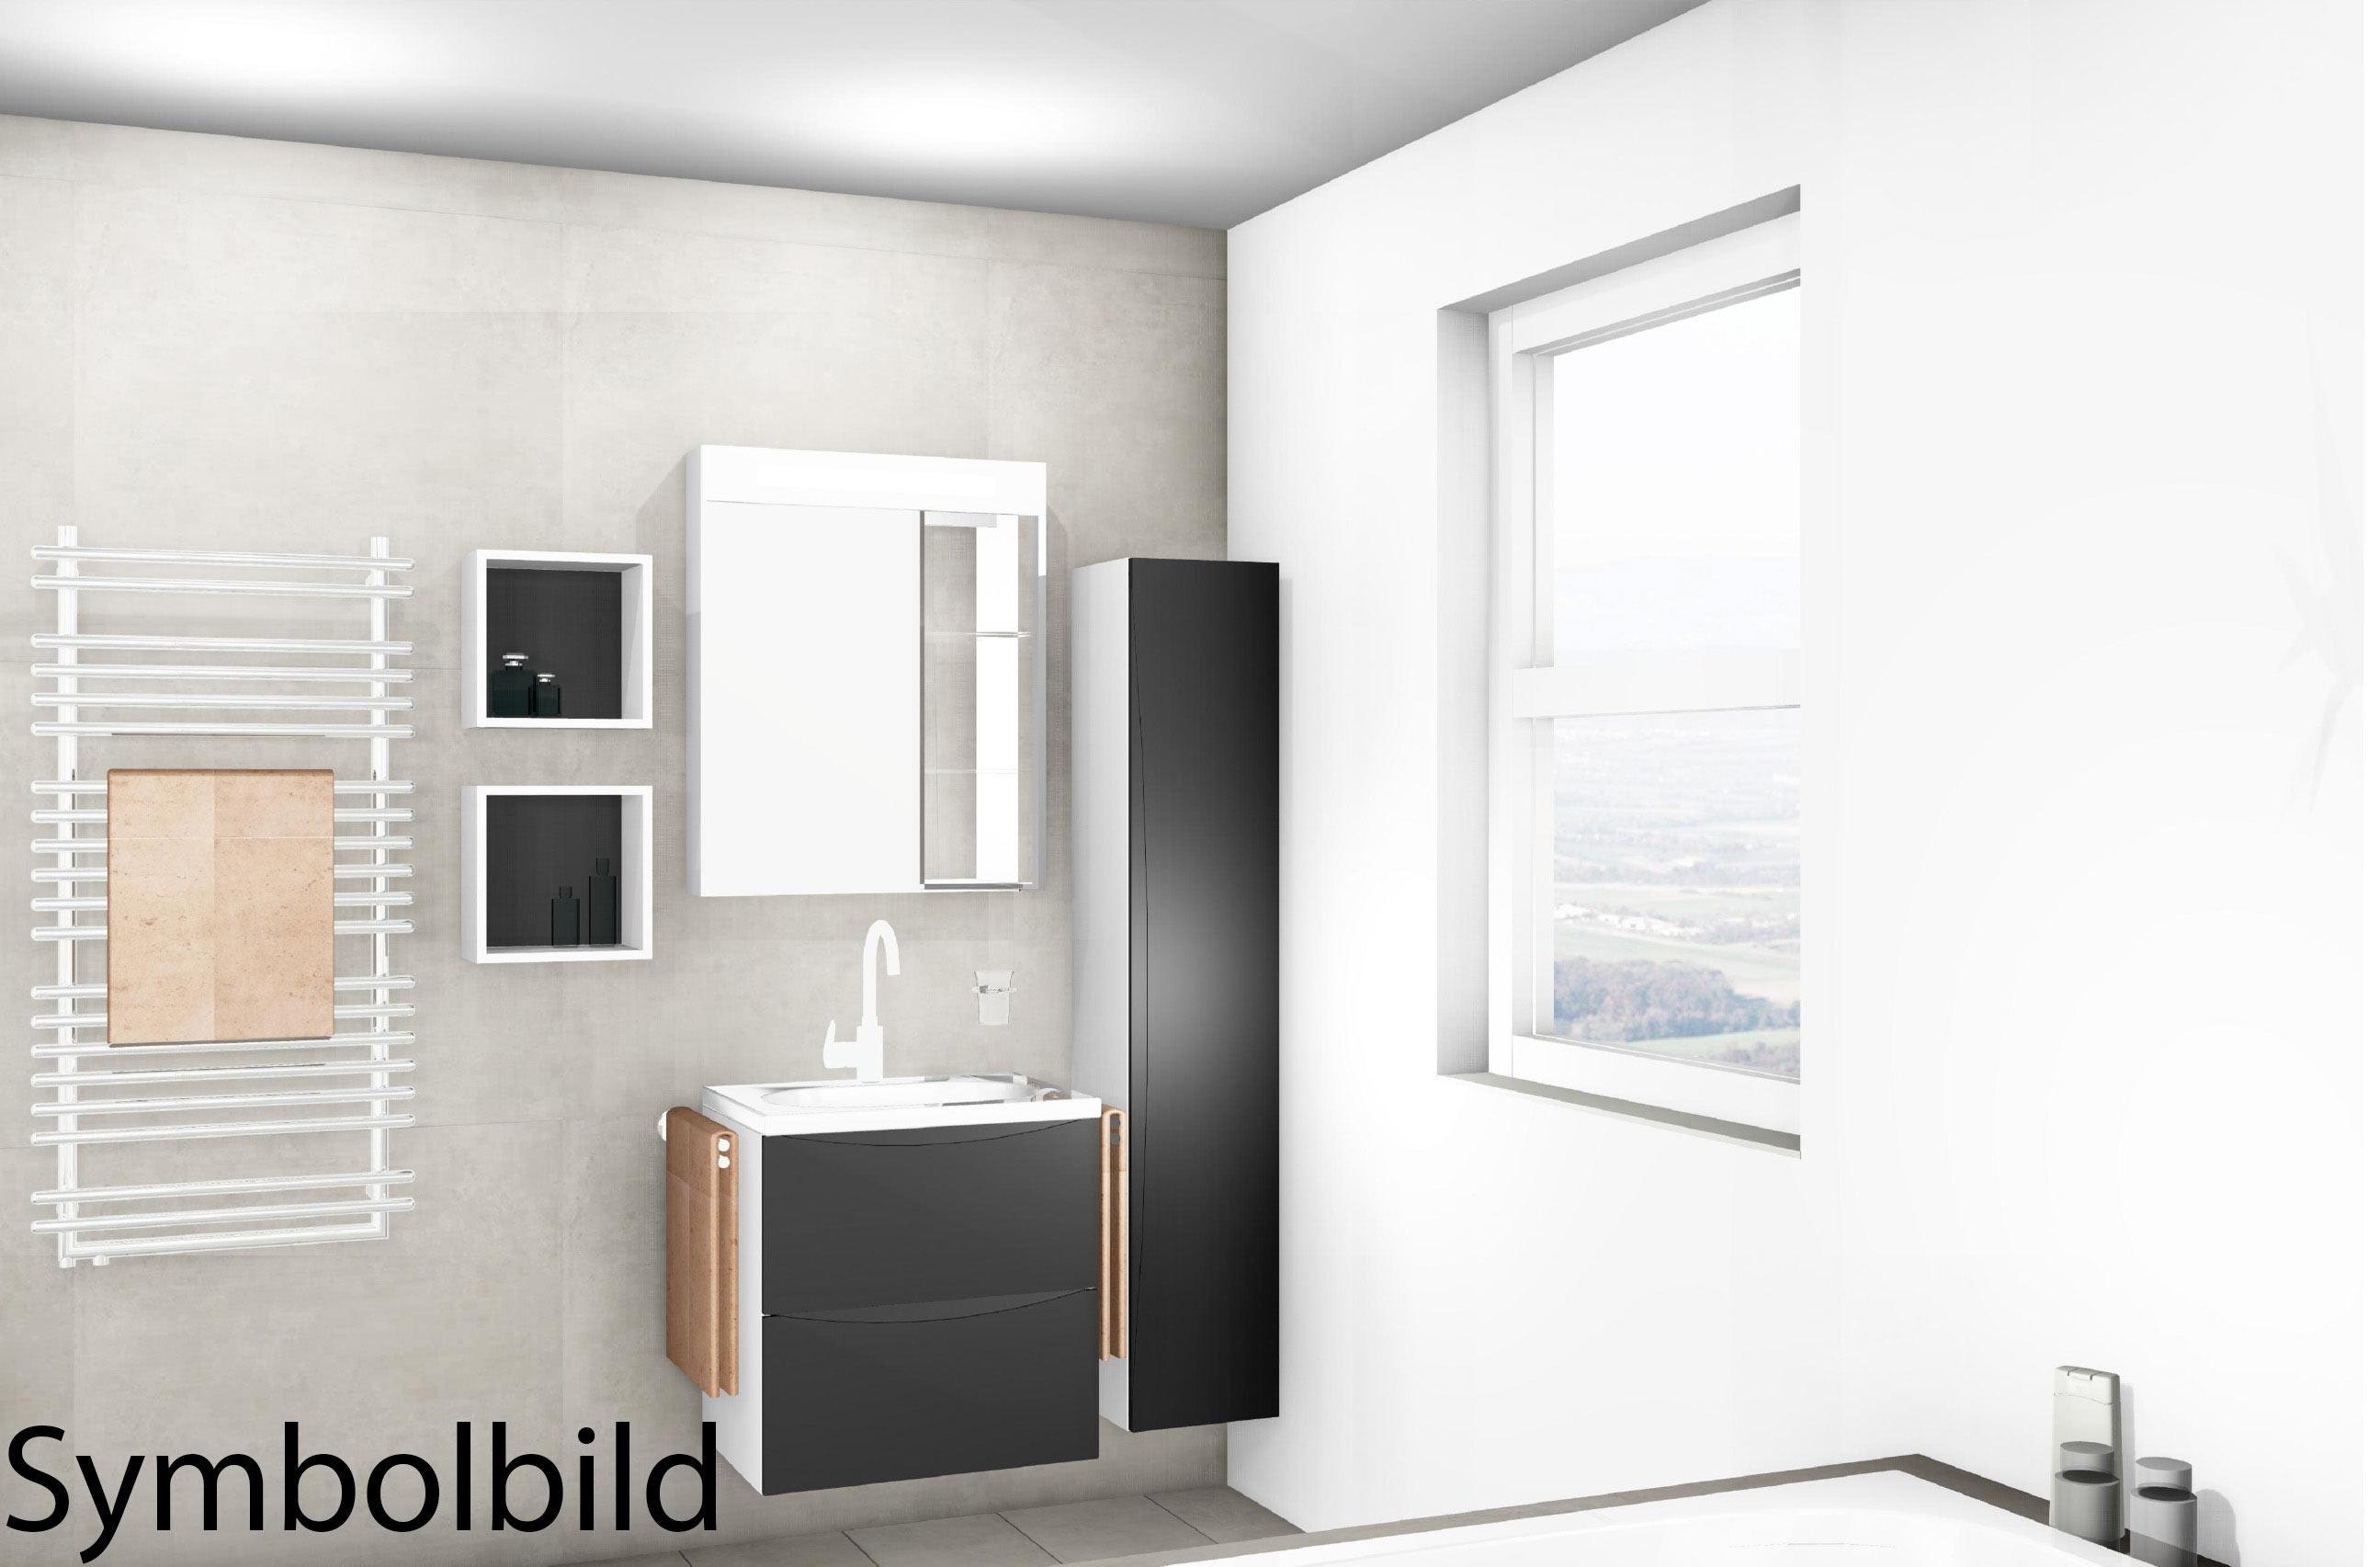 traumbad clivia wt mit m beln dusche und bw wc bad hk option mit montage komplett b der. Black Bedroom Furniture Sets. Home Design Ideas